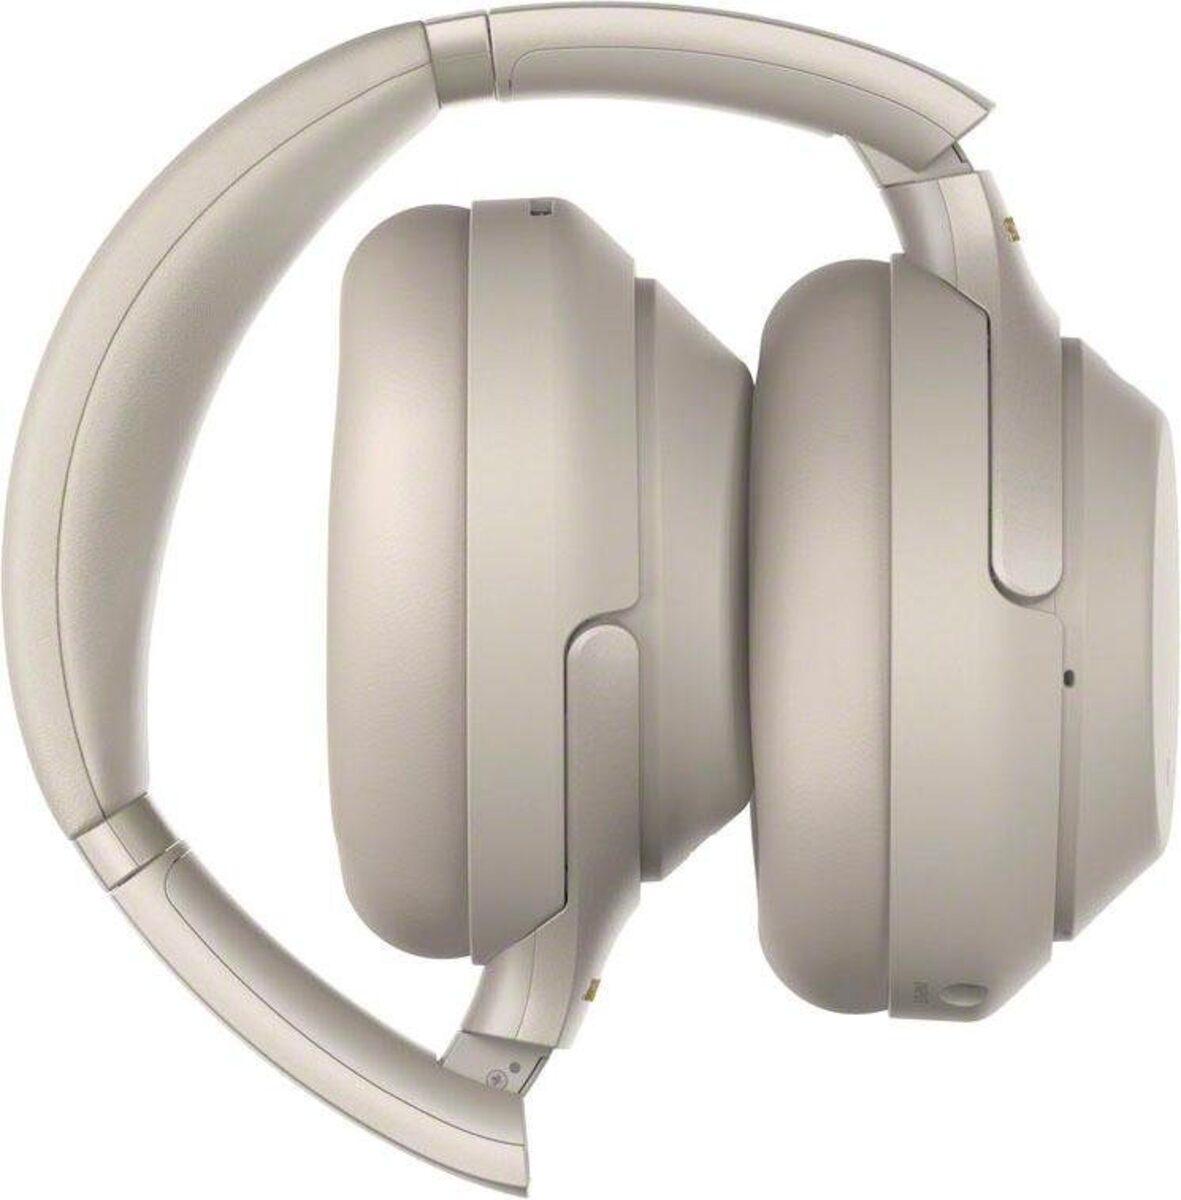 Bild 4 von Sony »WH-1000XM3« Over-Ear-Kopfhörer (Bluetooth, NFC, Headset mit Mikrofon, Touch Sensor, Schnellladefunktion)